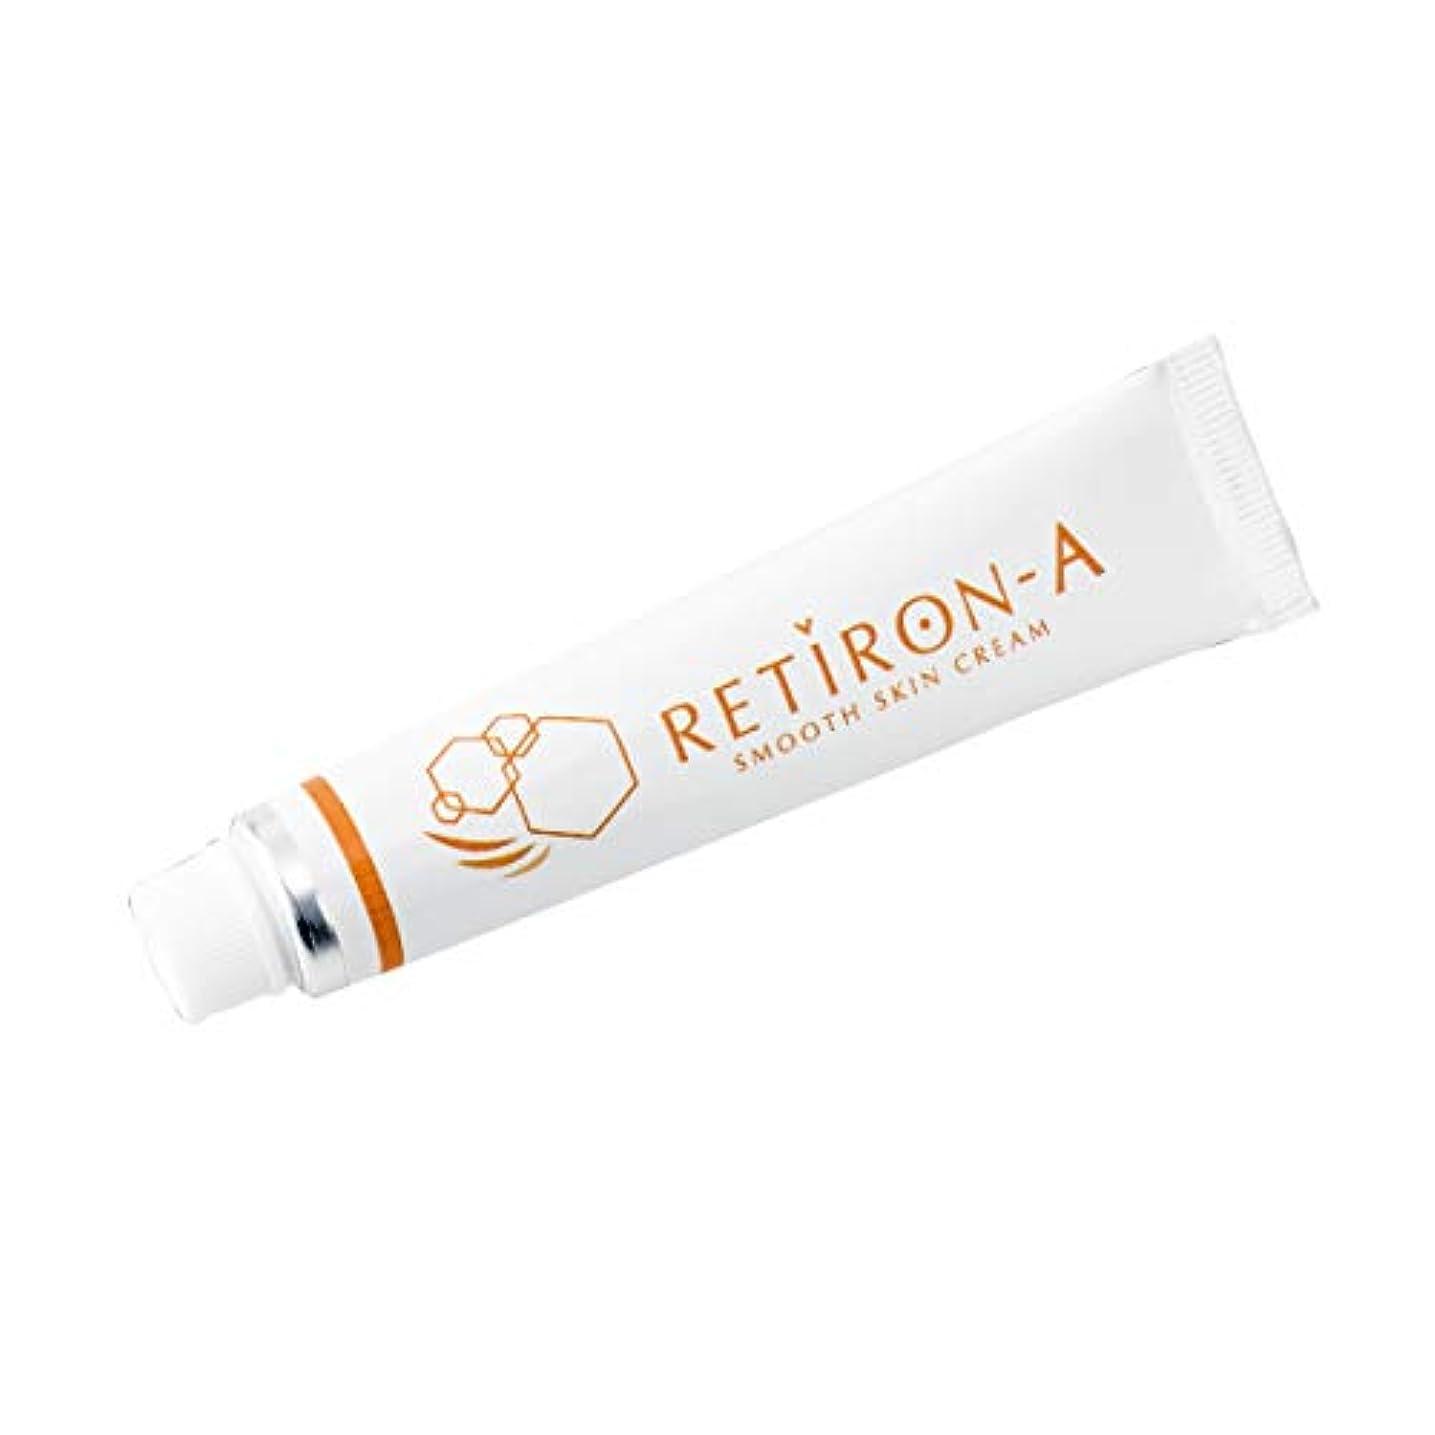 保安放射性手段クリーム 化粧品 レチノール配合 レチロンA パラベンフリー